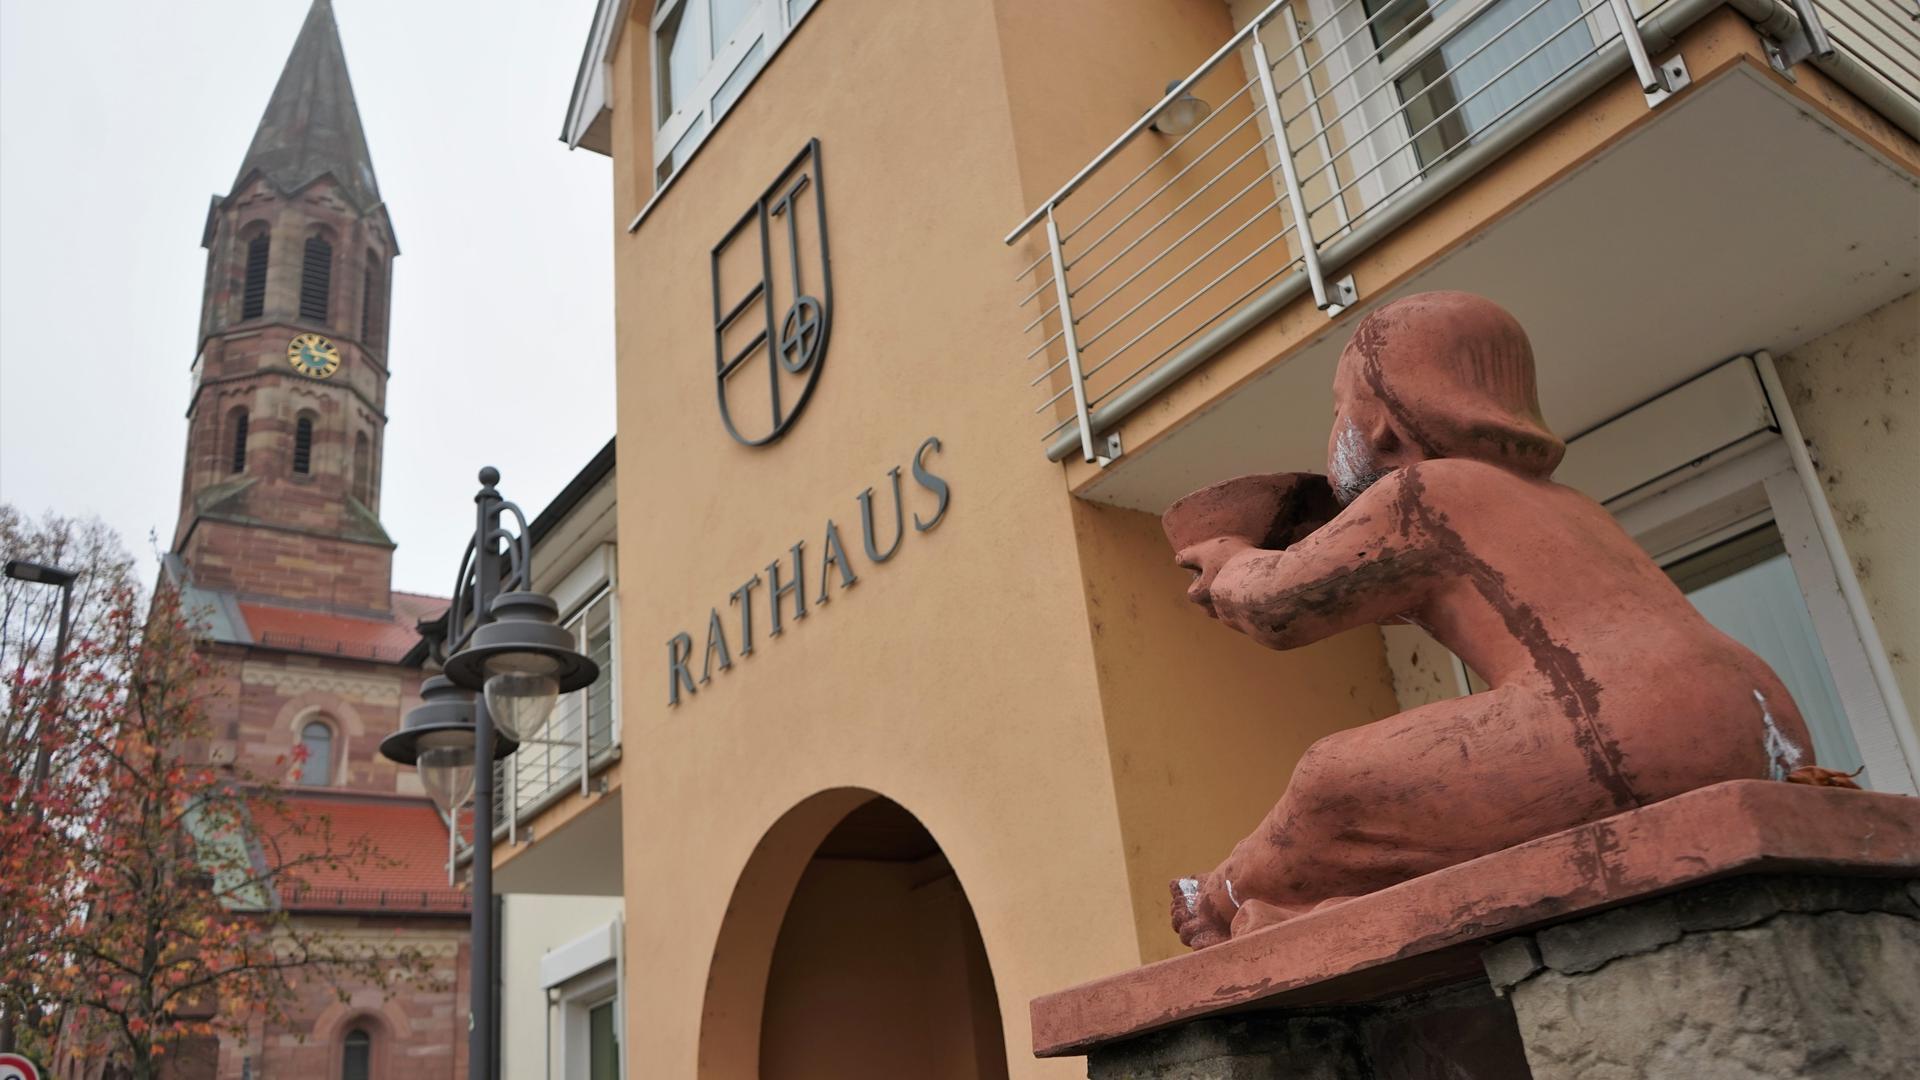 Neue Perspektiven: Am 14. März nächsten Jahres soll entschieden werden, wer künftig an der Spitze des Hügelsheimer Rathauses steht.